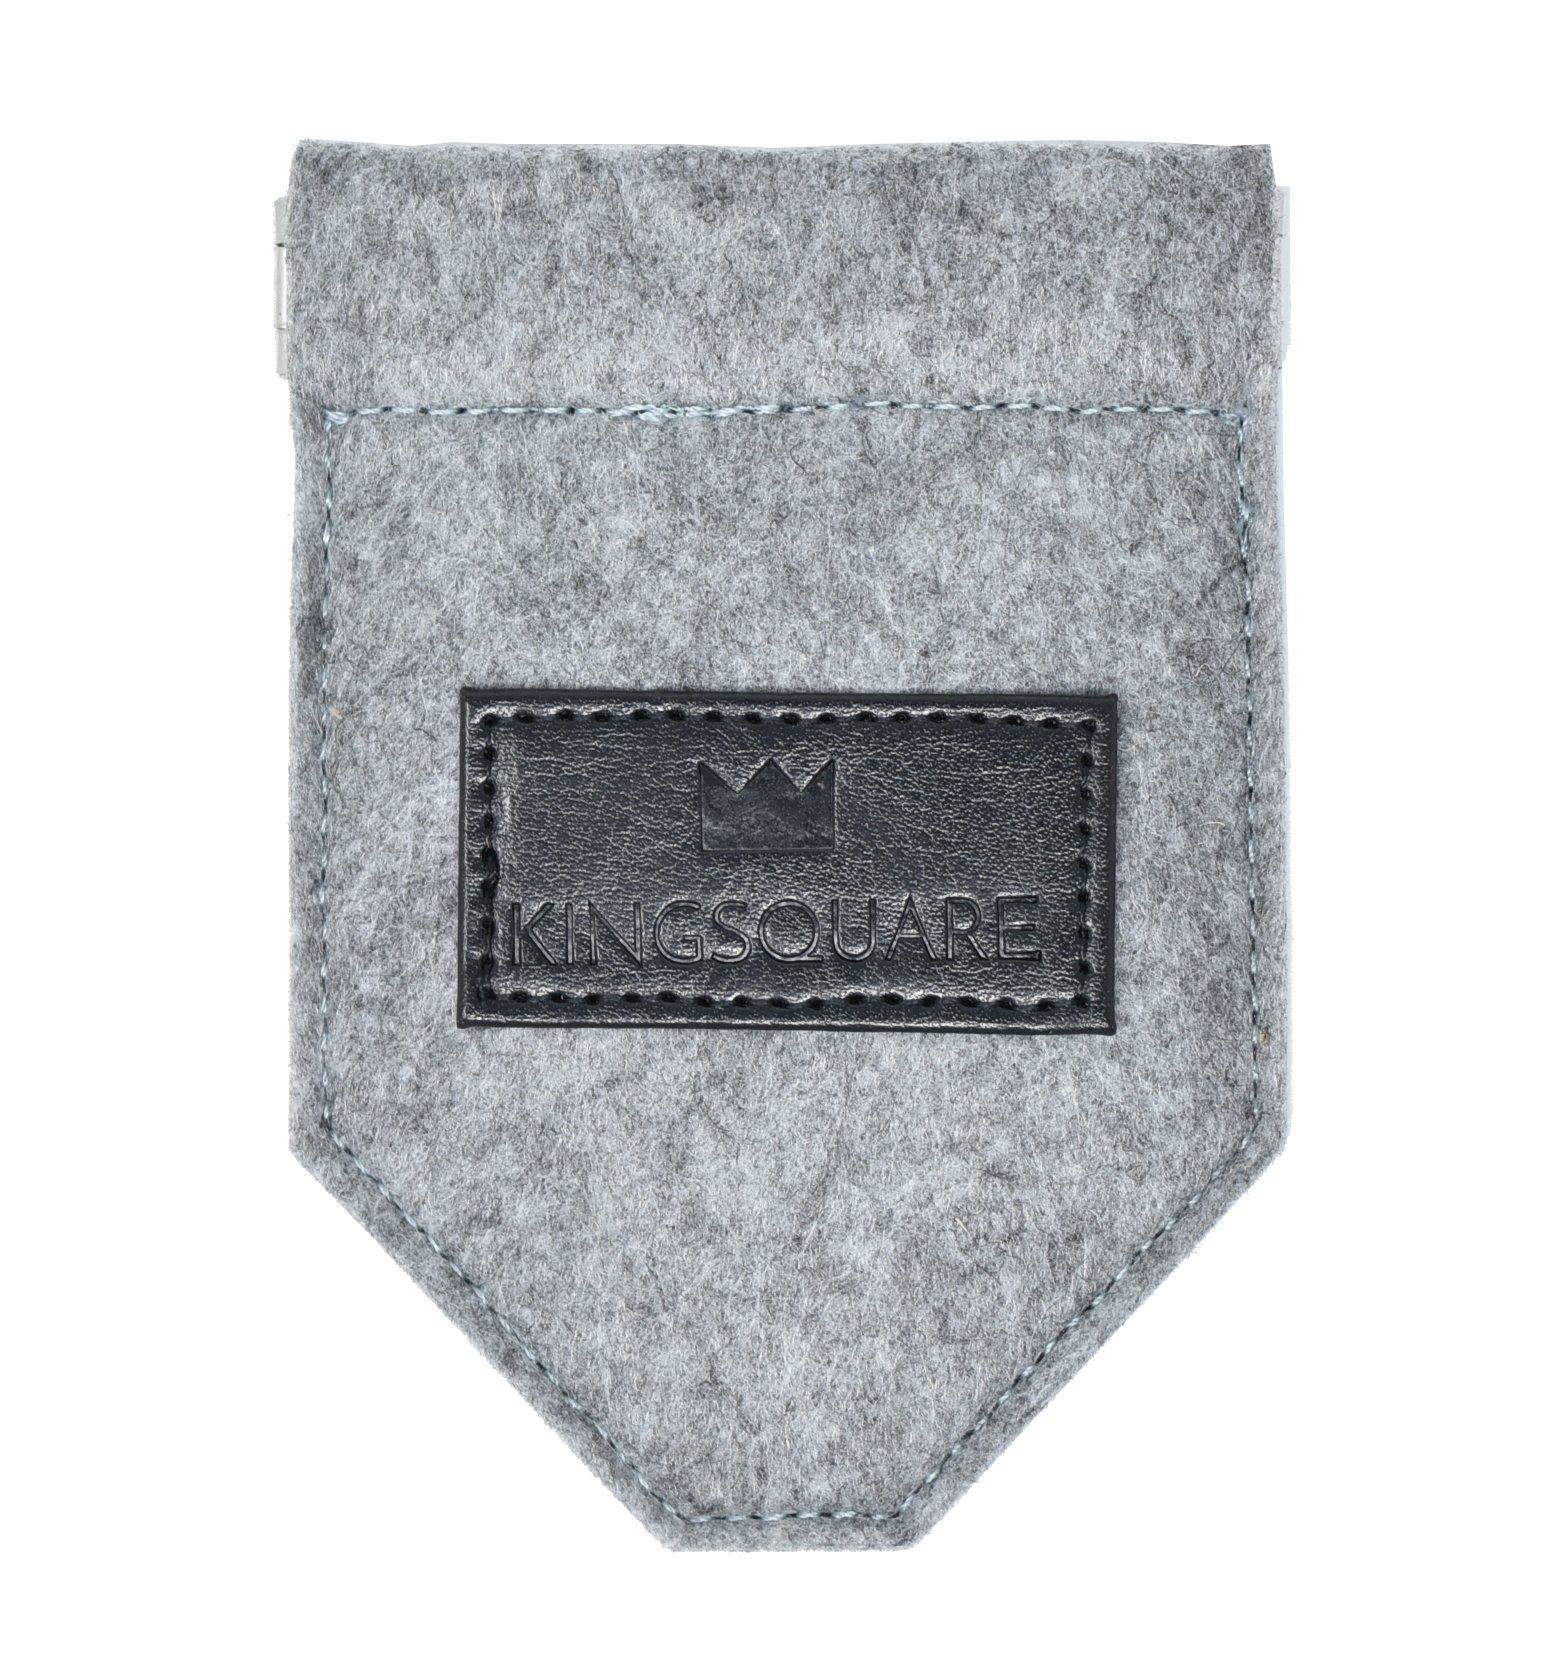 Kingsquare Pocket Square Holder - Men's Suit/Blazer/Coat Pocket Square Keeper